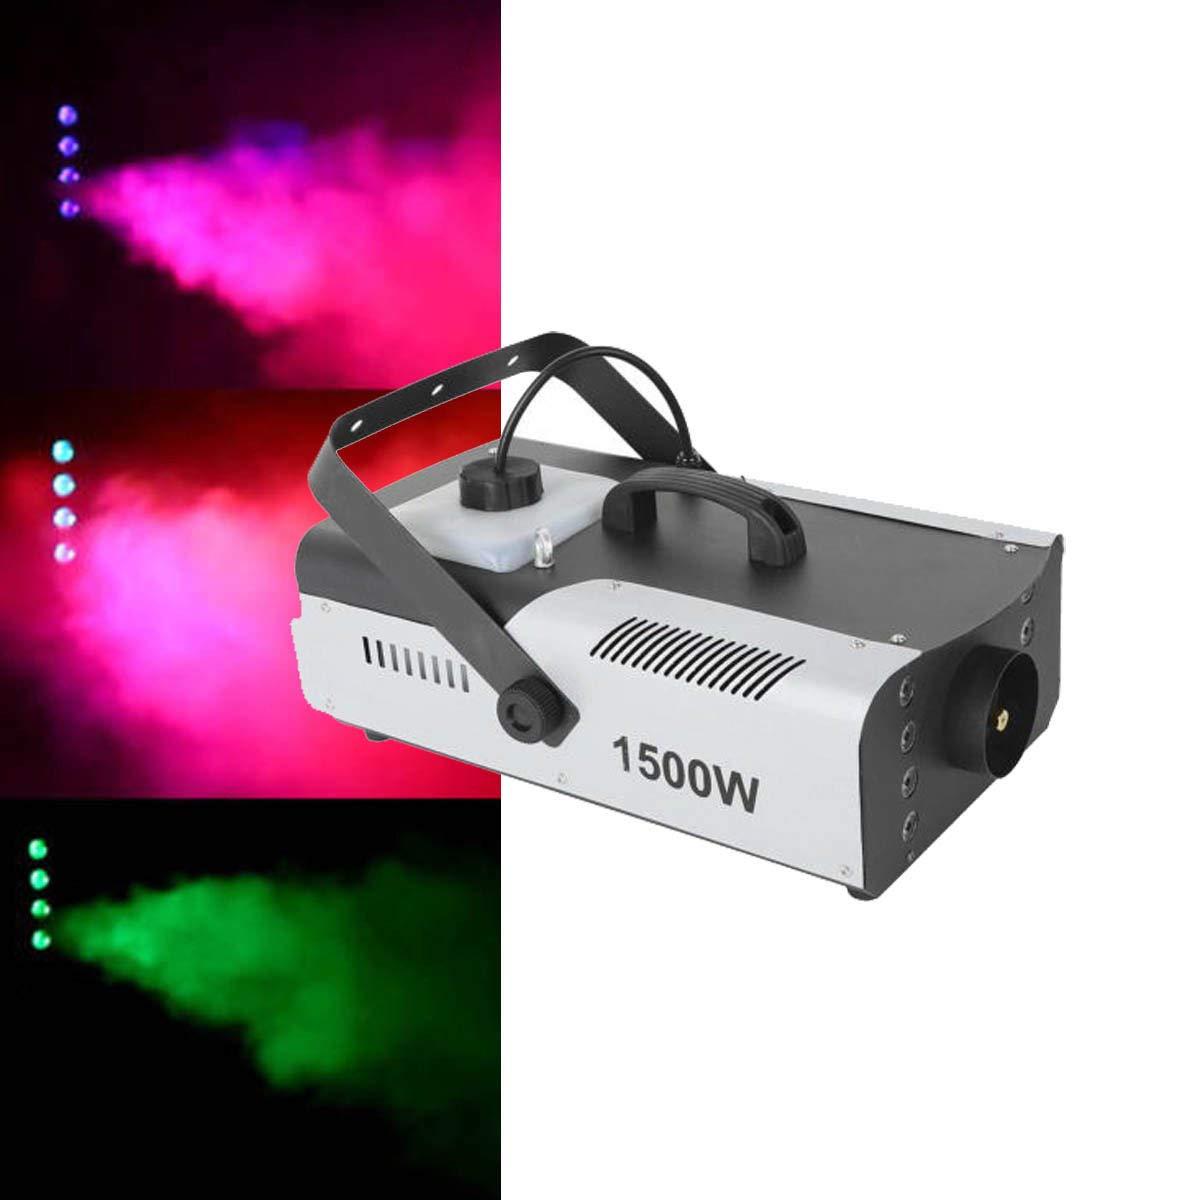 Tengchang 1500W Fog Machine RGB 3in1 8 LED DMX Party Smoke DJ Stage Show Wireless Remote